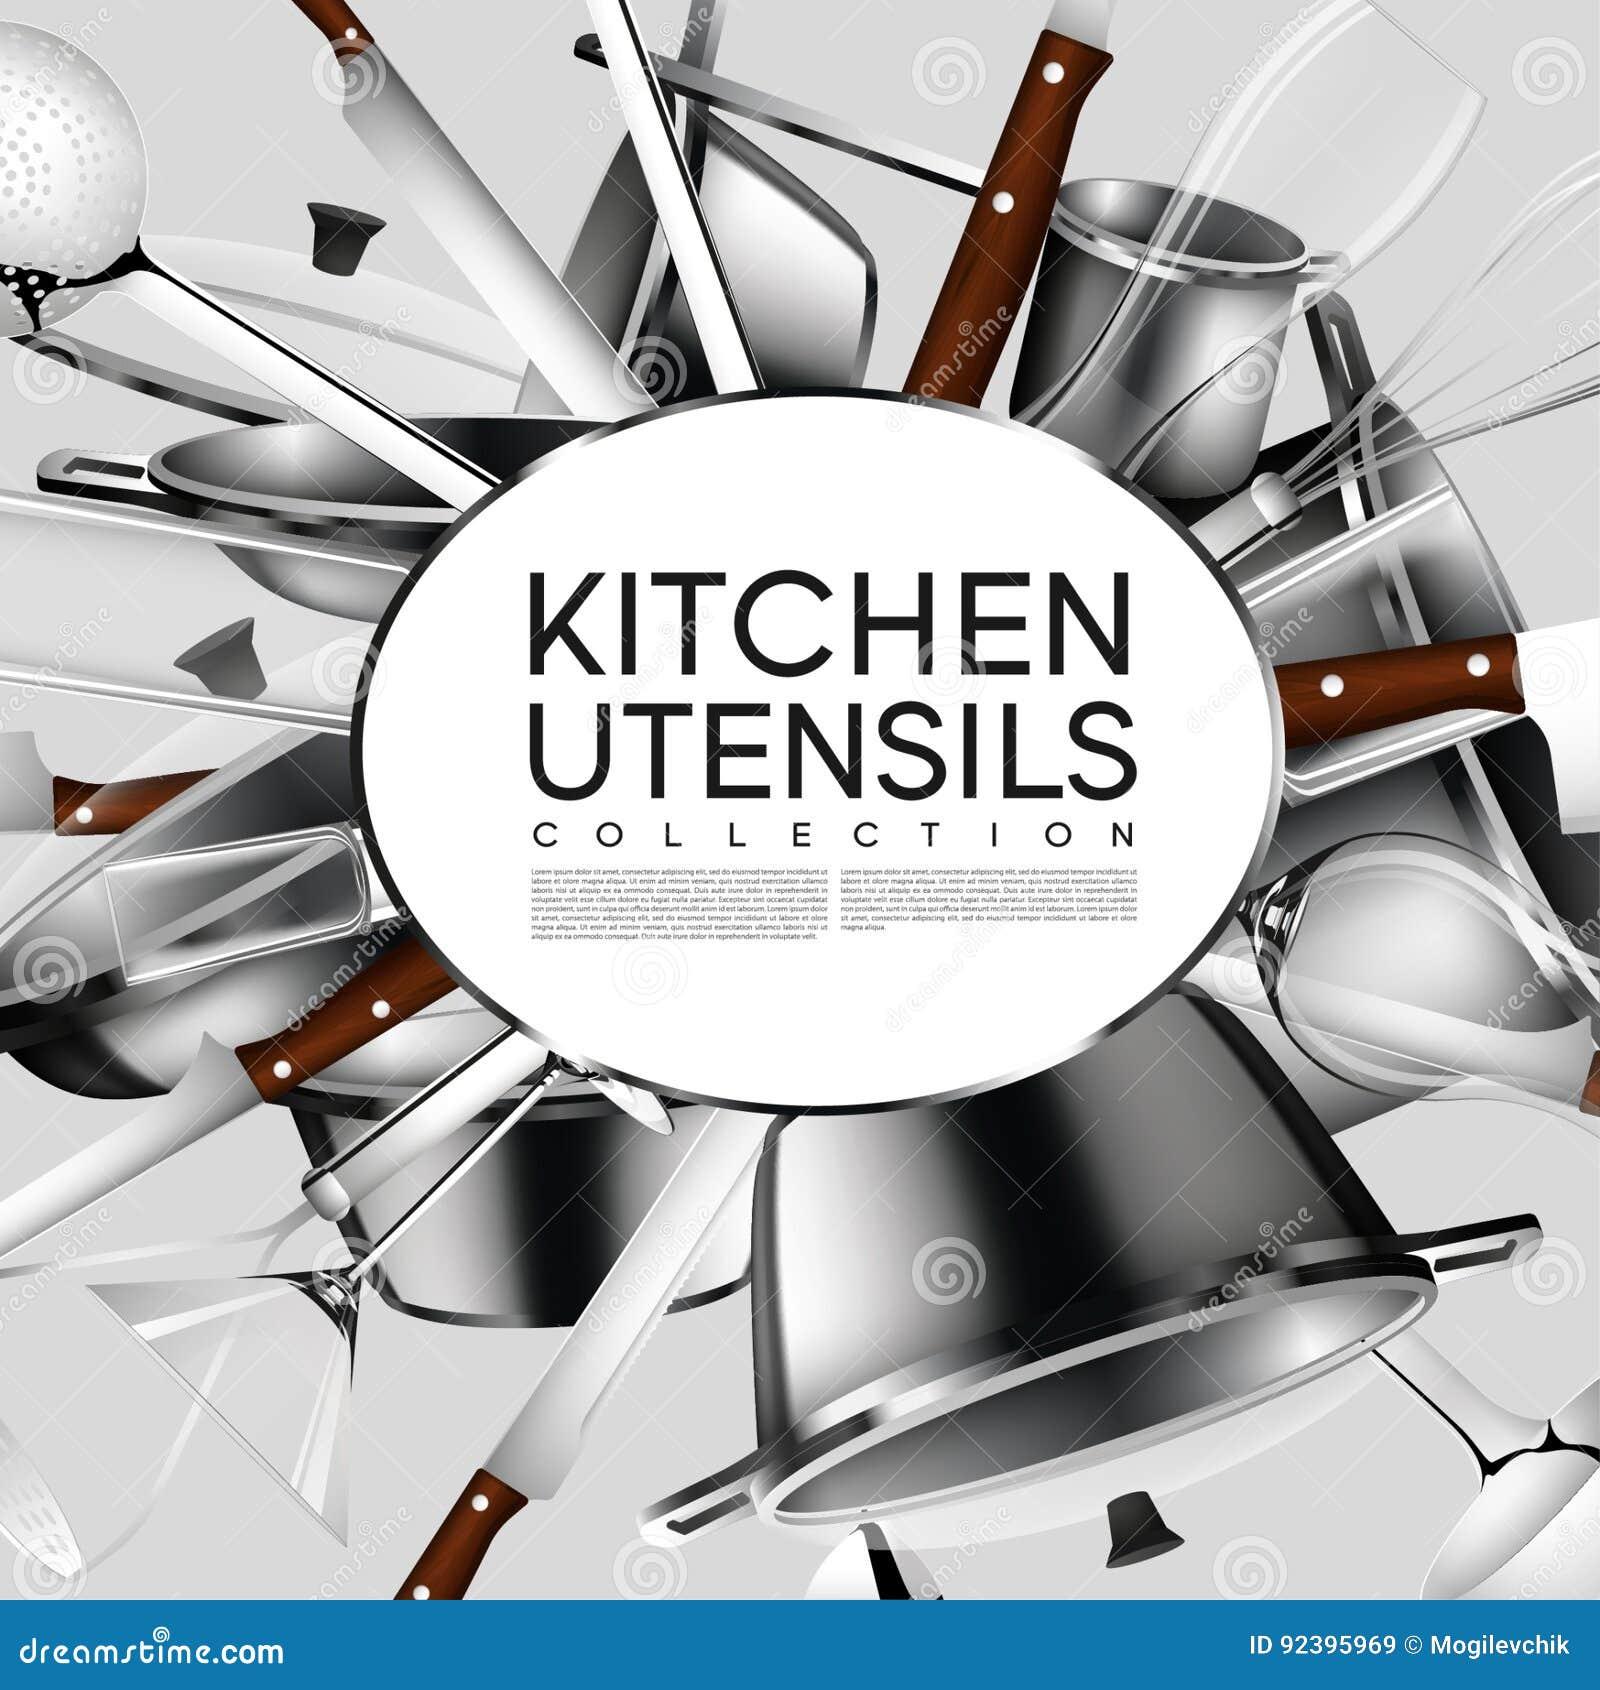 realistic light kitchen utensil poster stock vector illustration